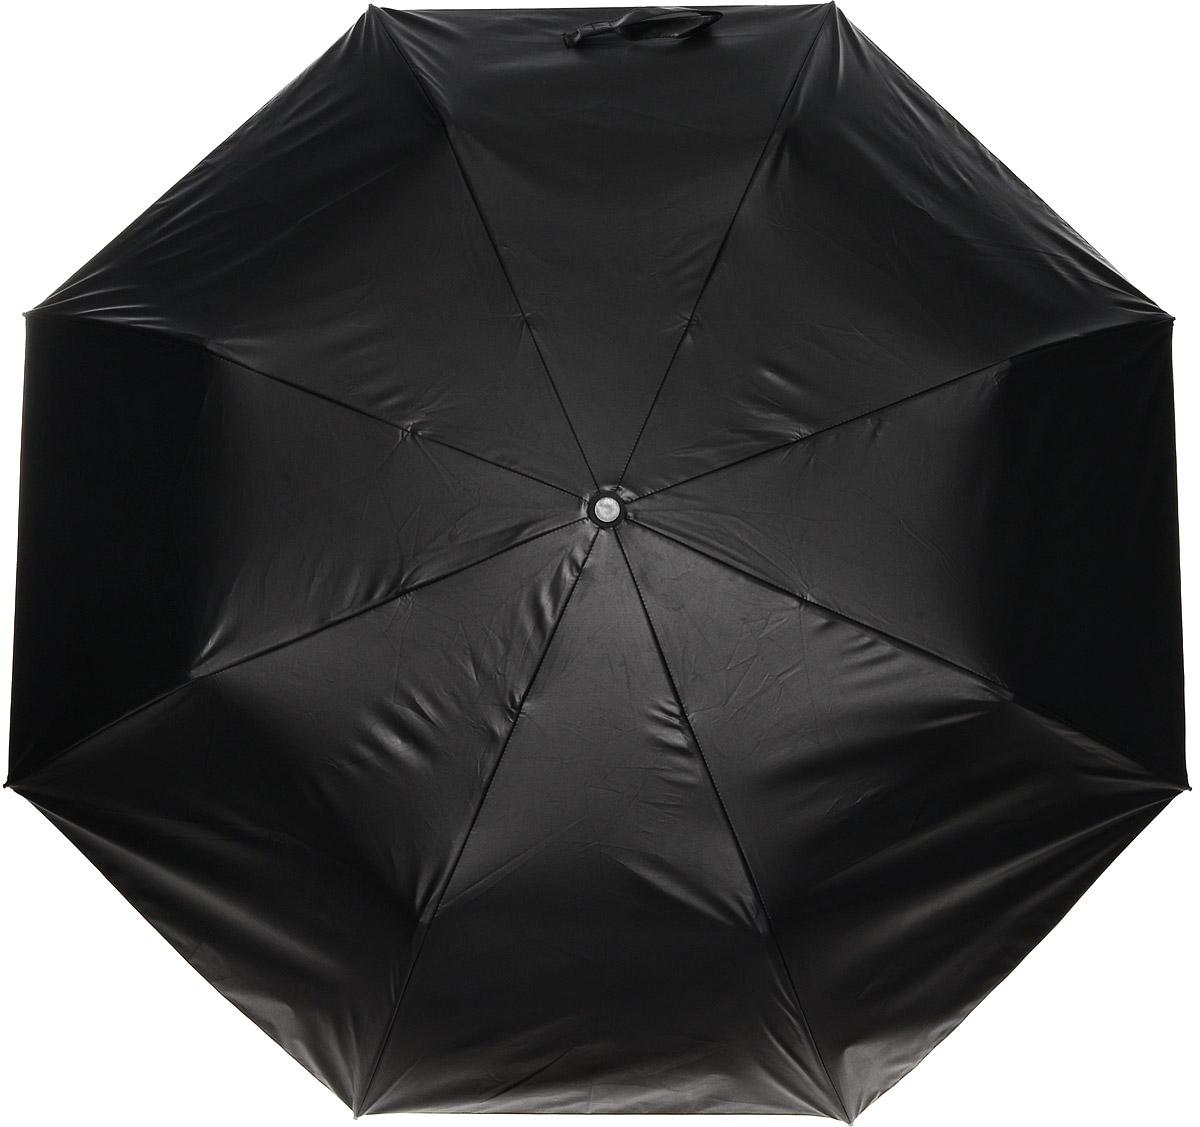 Зонт женский Vera Victoria Vito, механика, 3 сложения, цвет: черный, желтый. 20-700-4CX1516-50-10Зонт Vera Victoria Vito надежно защитит вас от дождя. Купол выполнен из высококачественного нейлона, который не пропускает воду. Внутренняя сторона купола оформлена оригинальным принтом. Каркас зонта и спицы выполнены из высококачественного металла.Удобная ручка выполнена из пластика и дополнена эластичной резинкой. Зонт имеет автоматический тип сложения: открывается и закрывается при нажатии на кнопку. В комплект входит чехол.